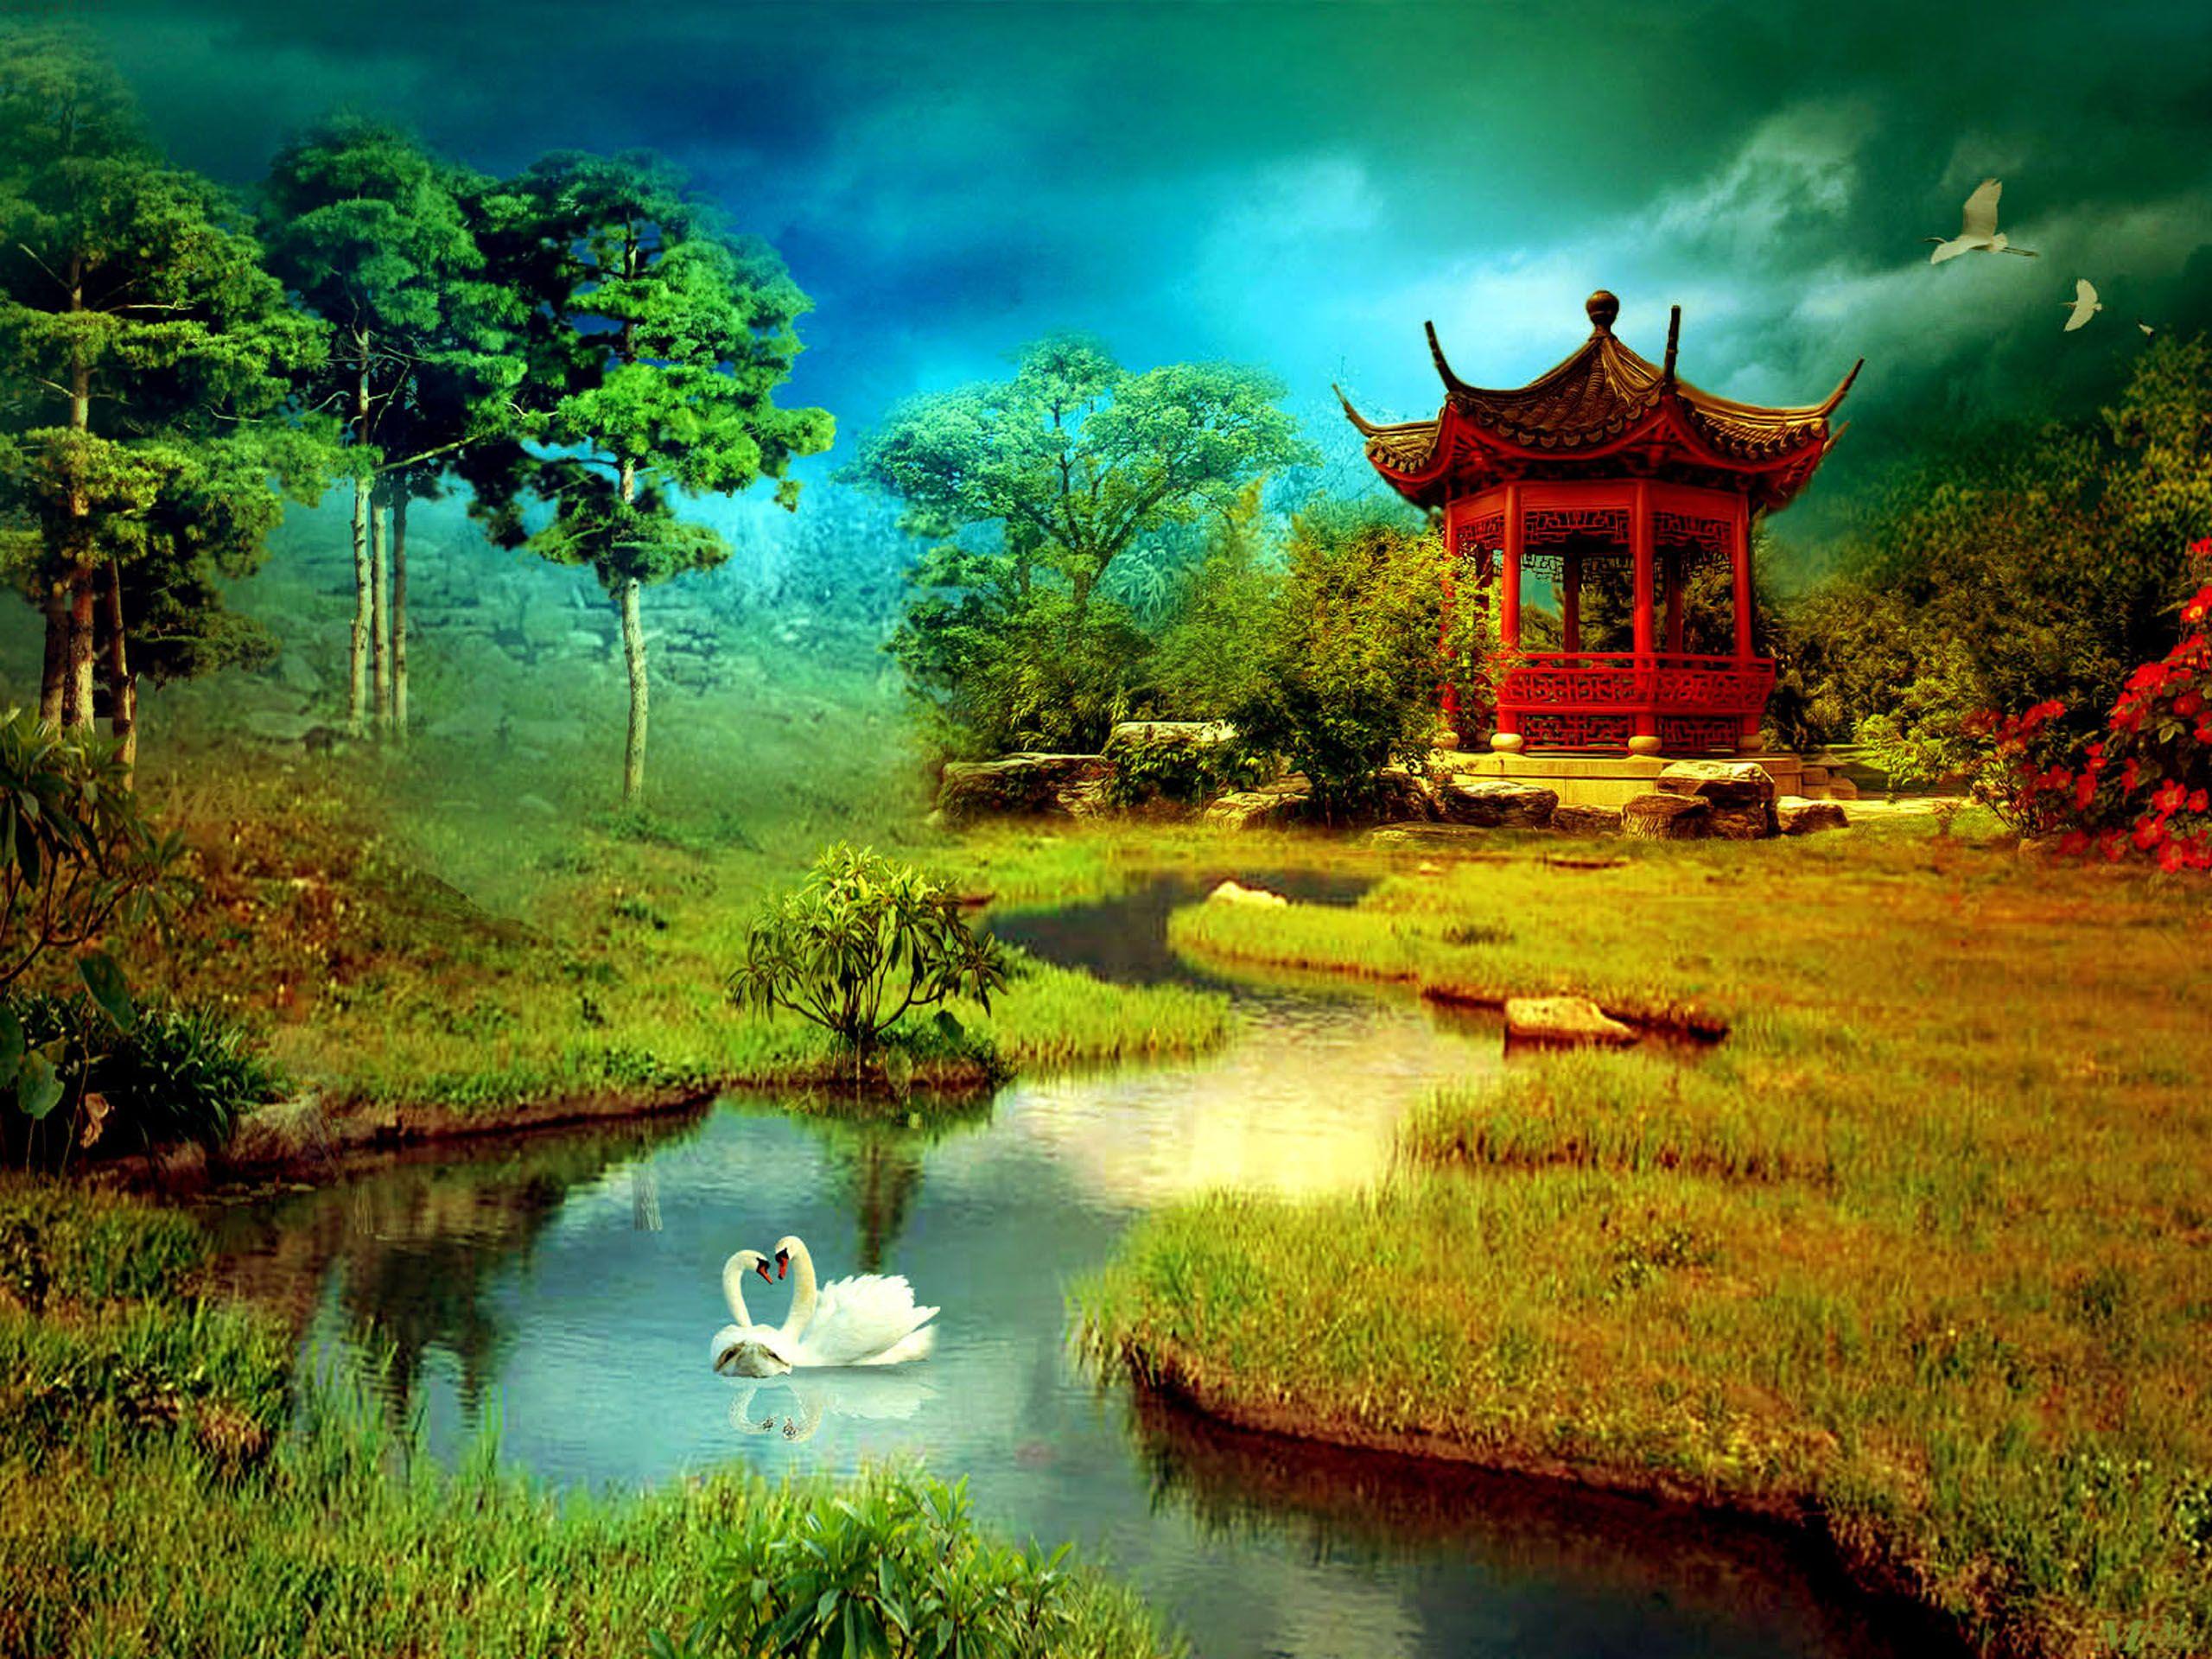 3d wallpaper nature download